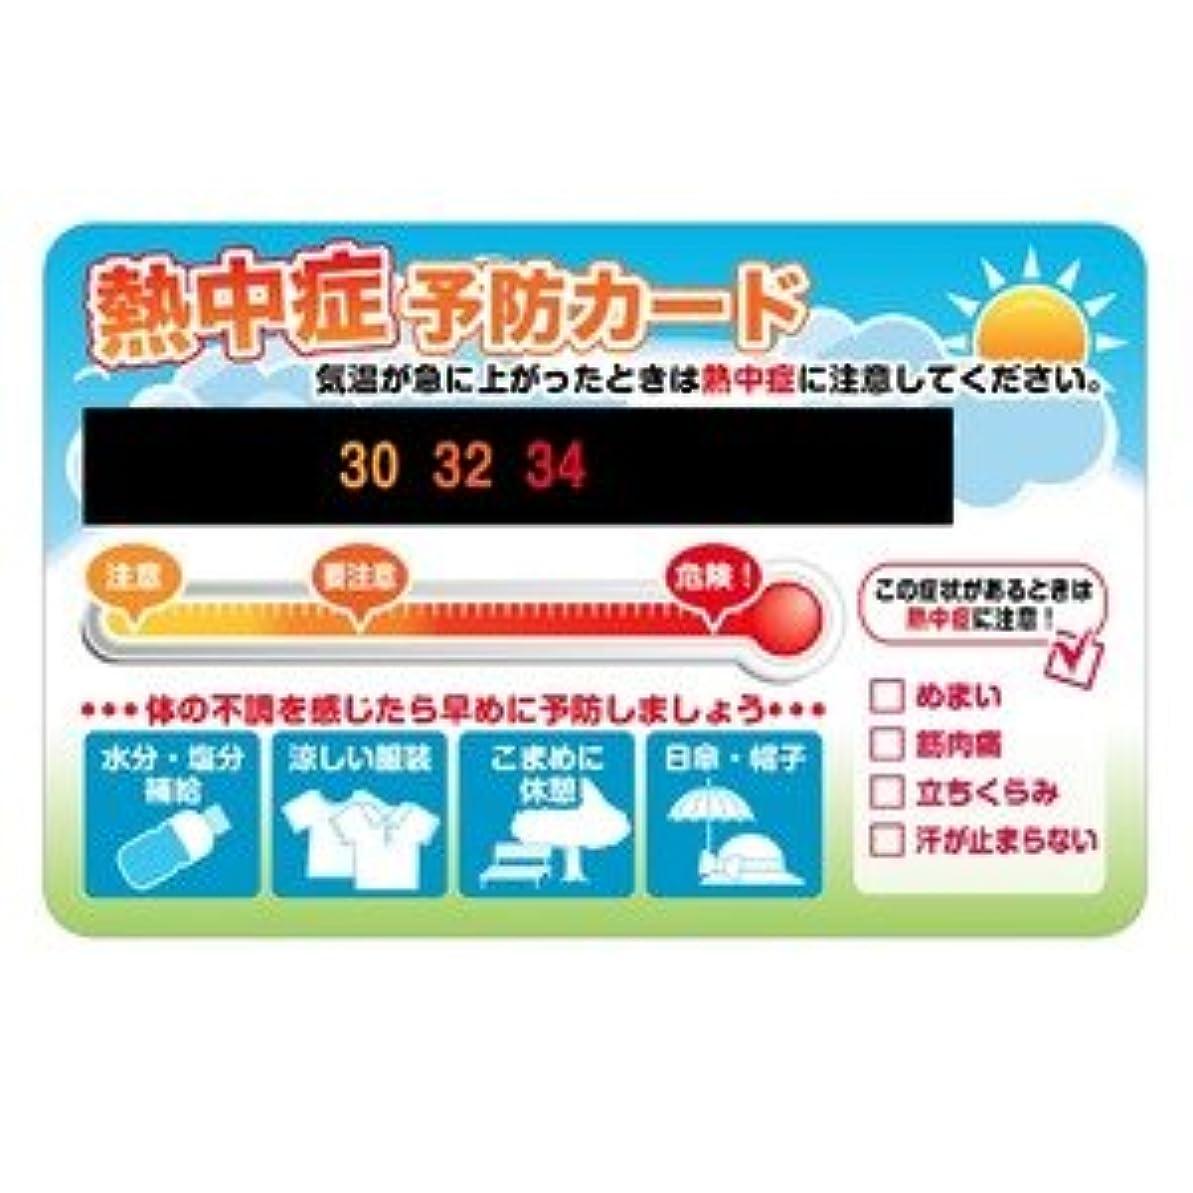 ことわざ立ち寄る計算可能熱中症予防カード?NE2 【100枚セット】 熱中症対策